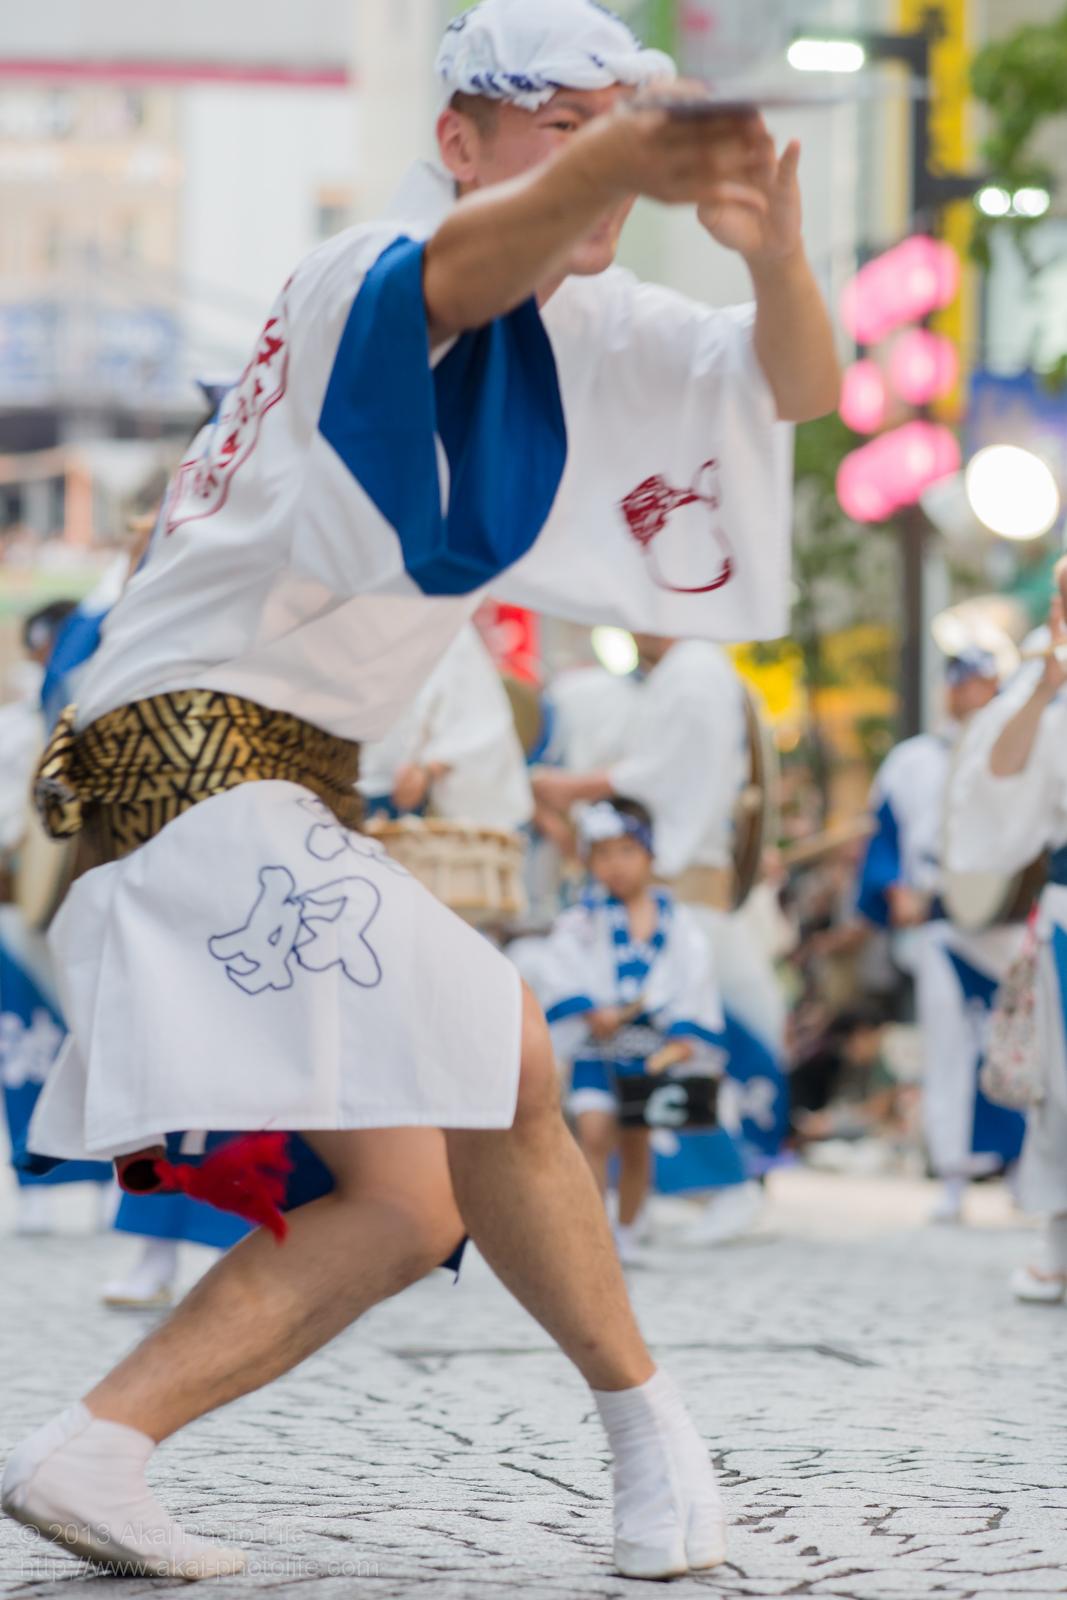 三鷹阿波踊り、波奴連(はちゃめちゃれん)のうちわ踊り